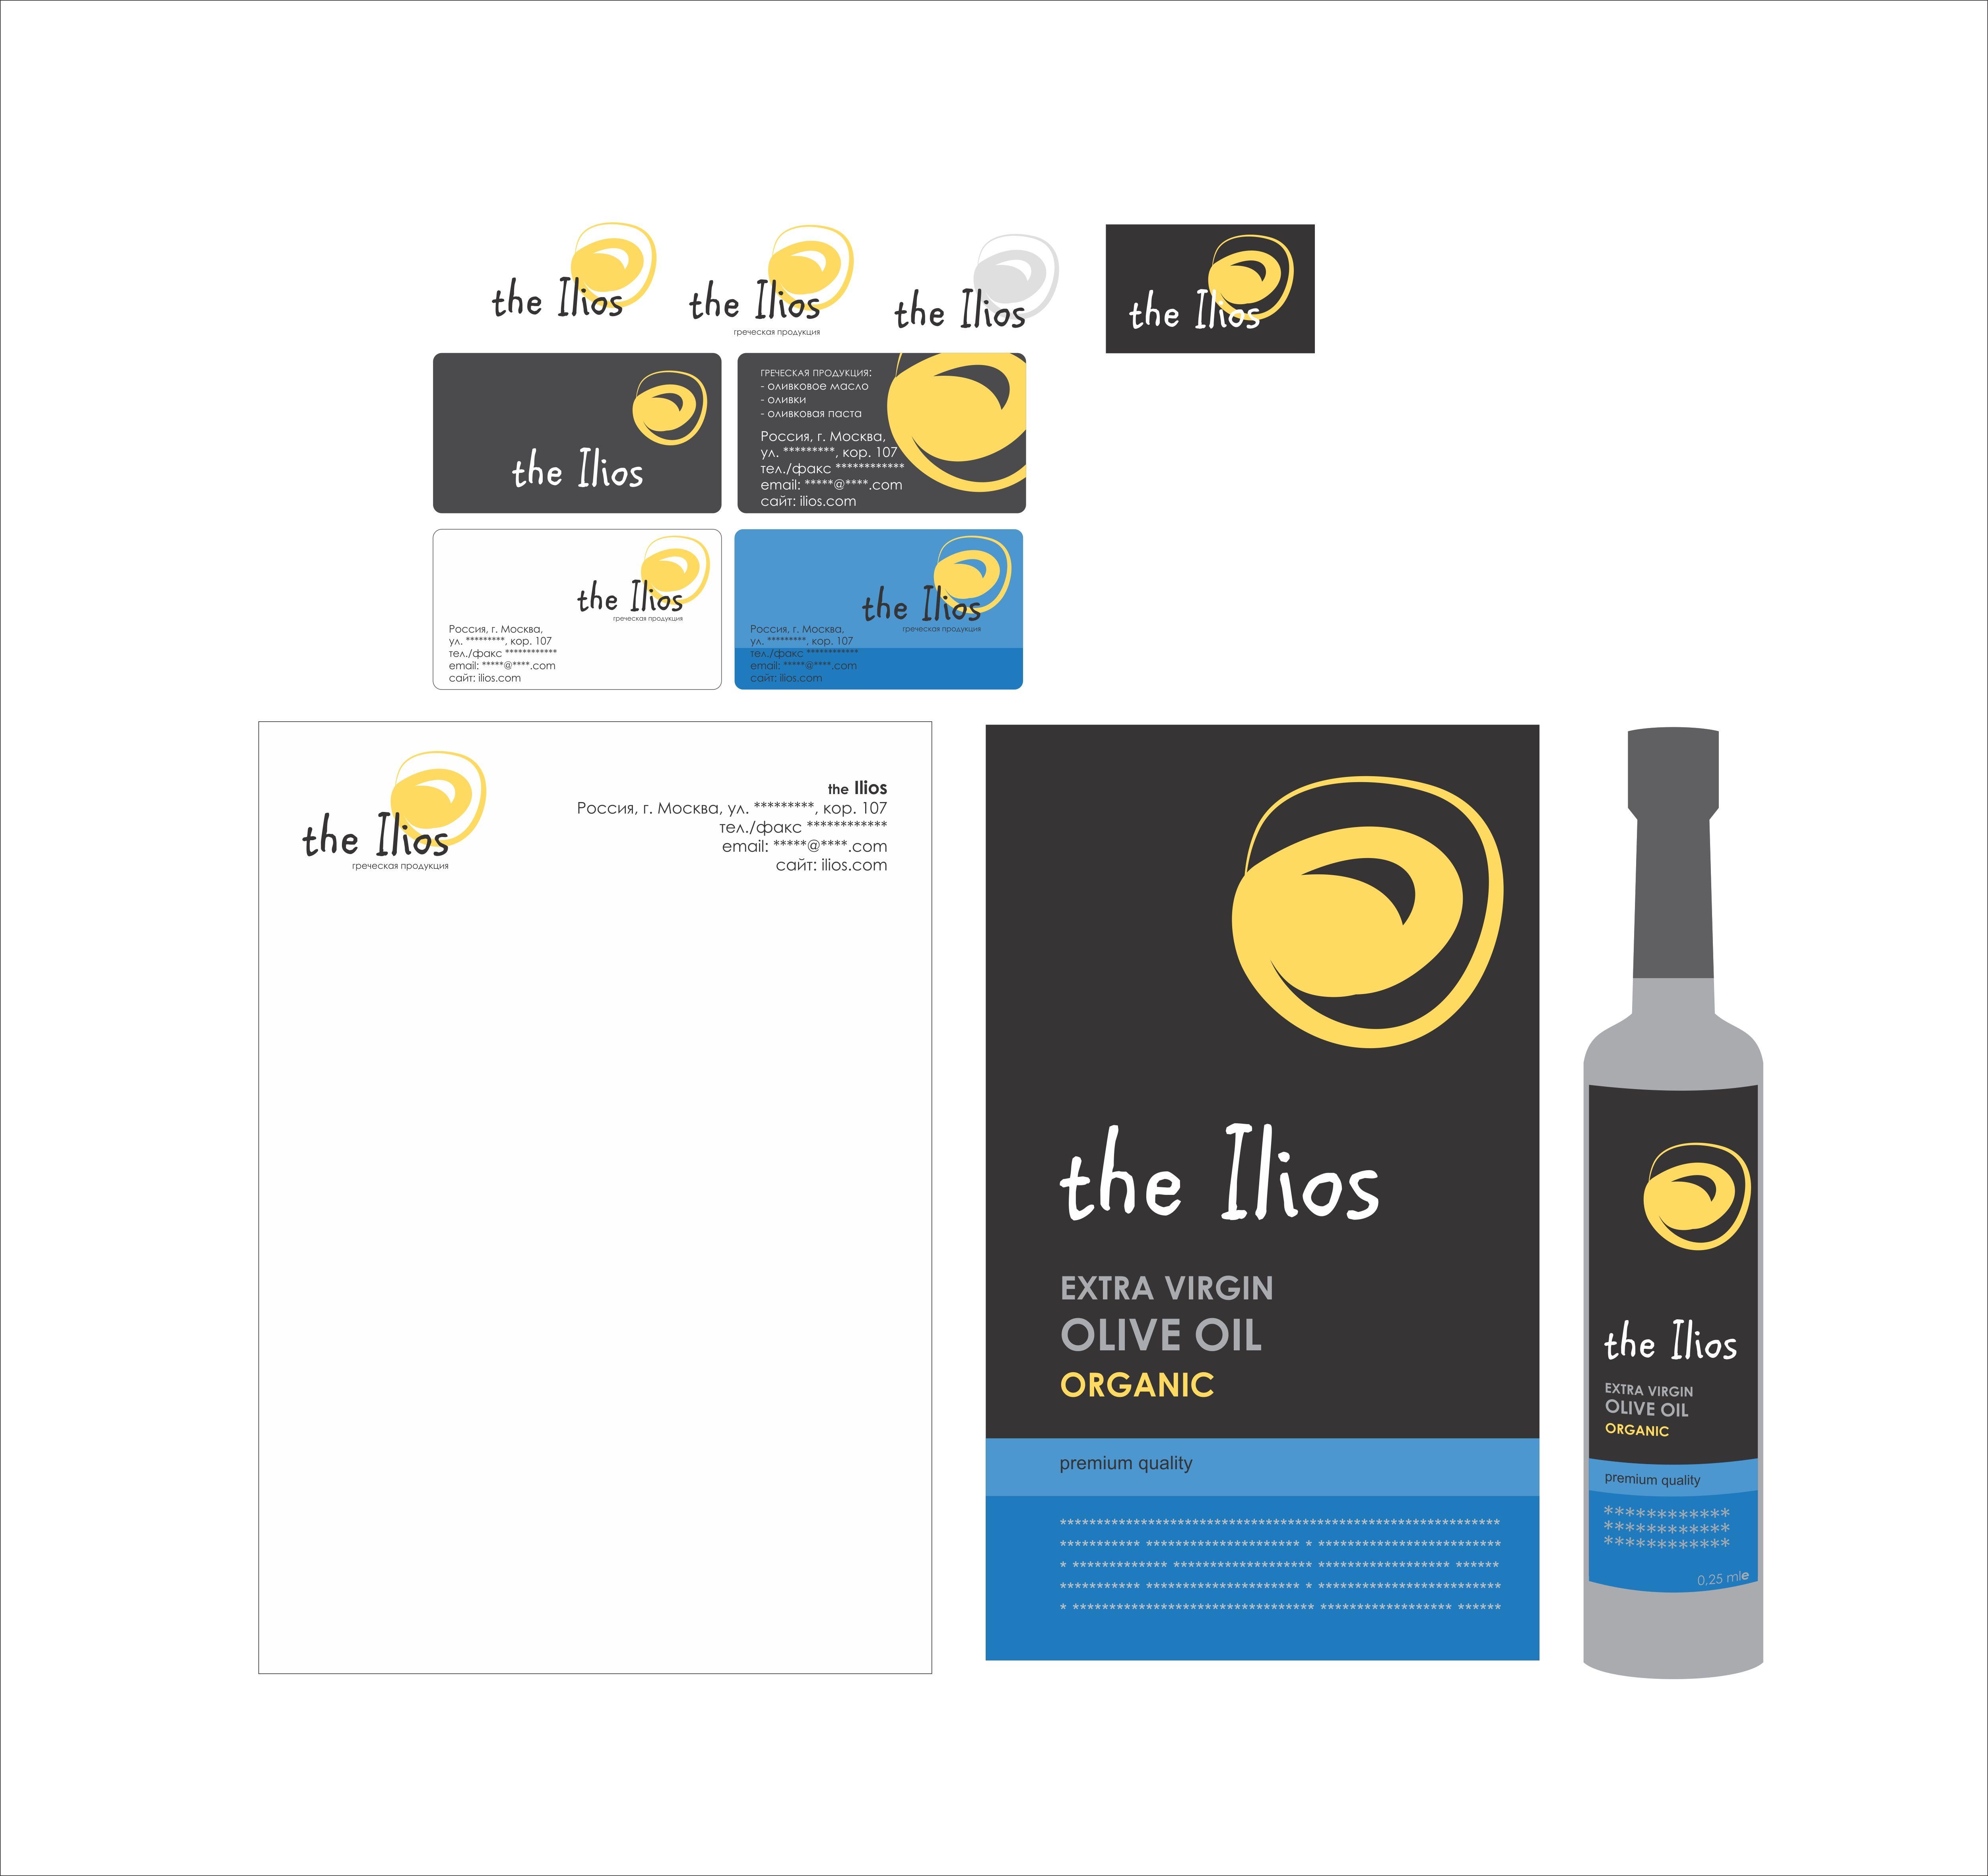 Разработка Логотипа и Фирменного стиля - дизайнер 79156510795